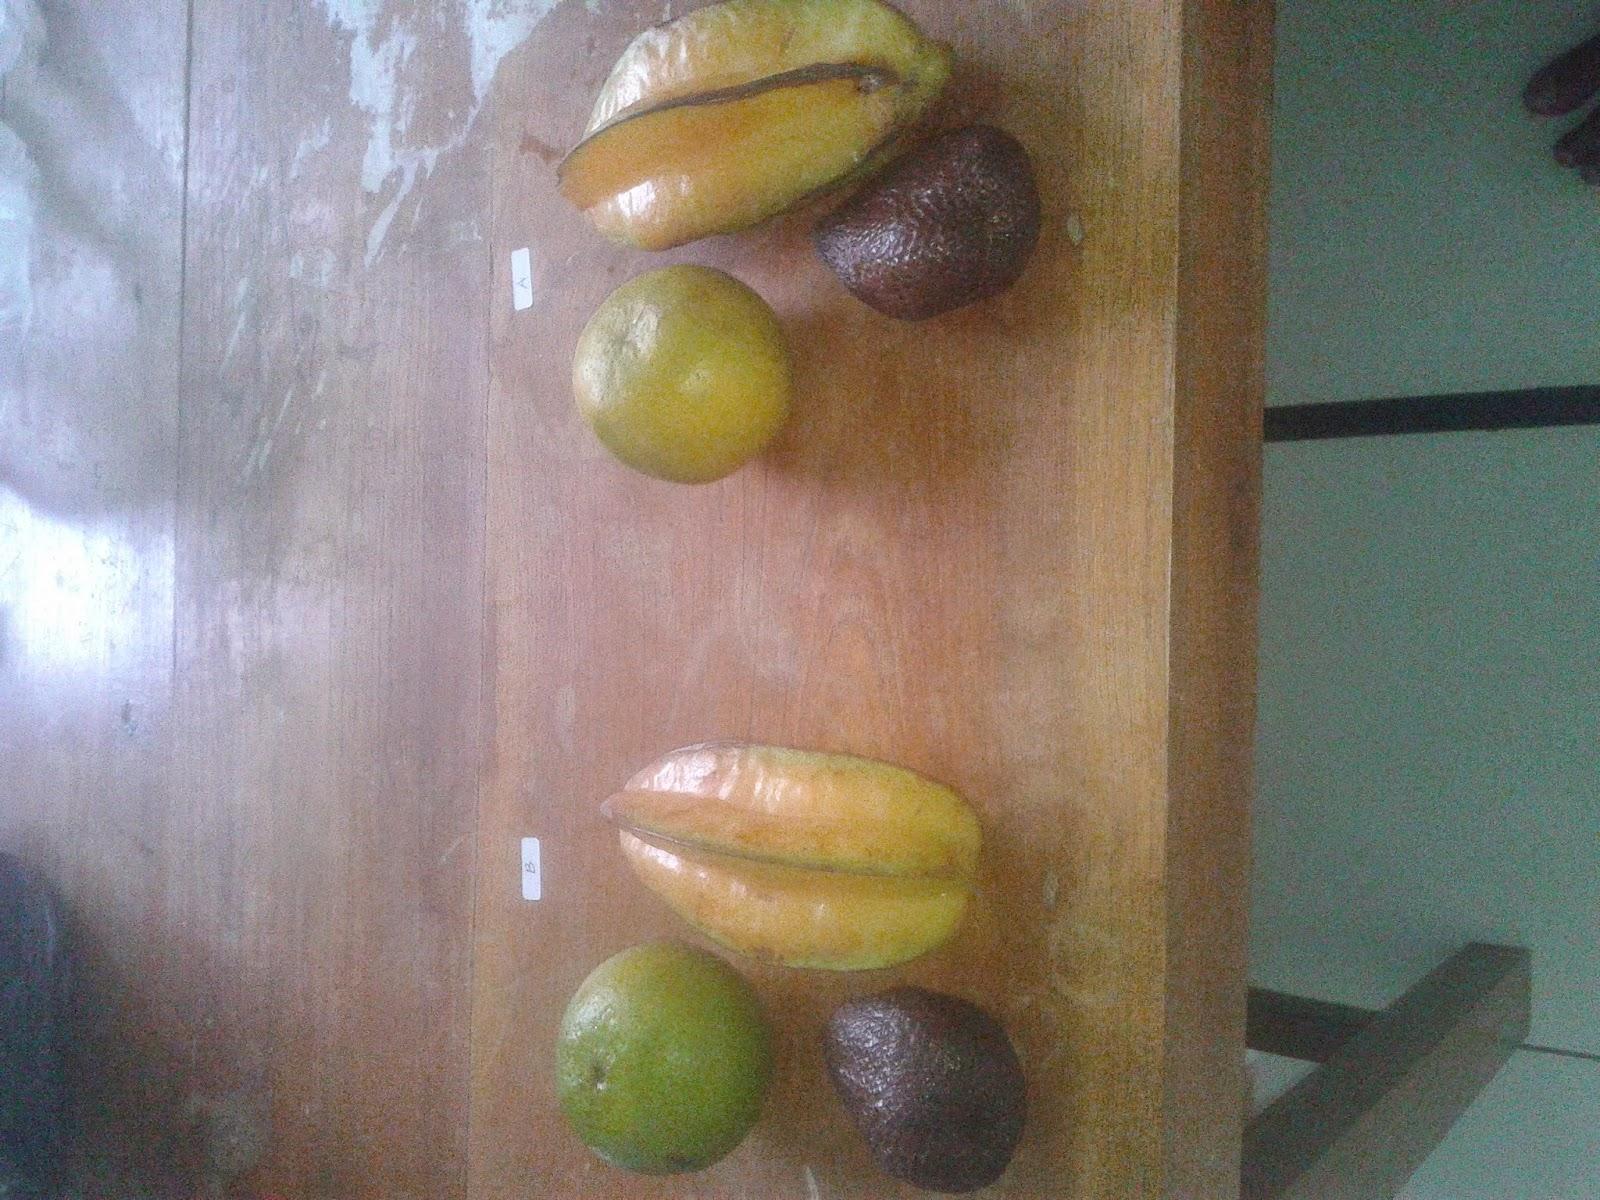 Pemanfaatan Ekstrak Daun Kaktus Centong (Opuntia Cochenillifera) Sebagai Pengawet Alami Pada Buah-buahan